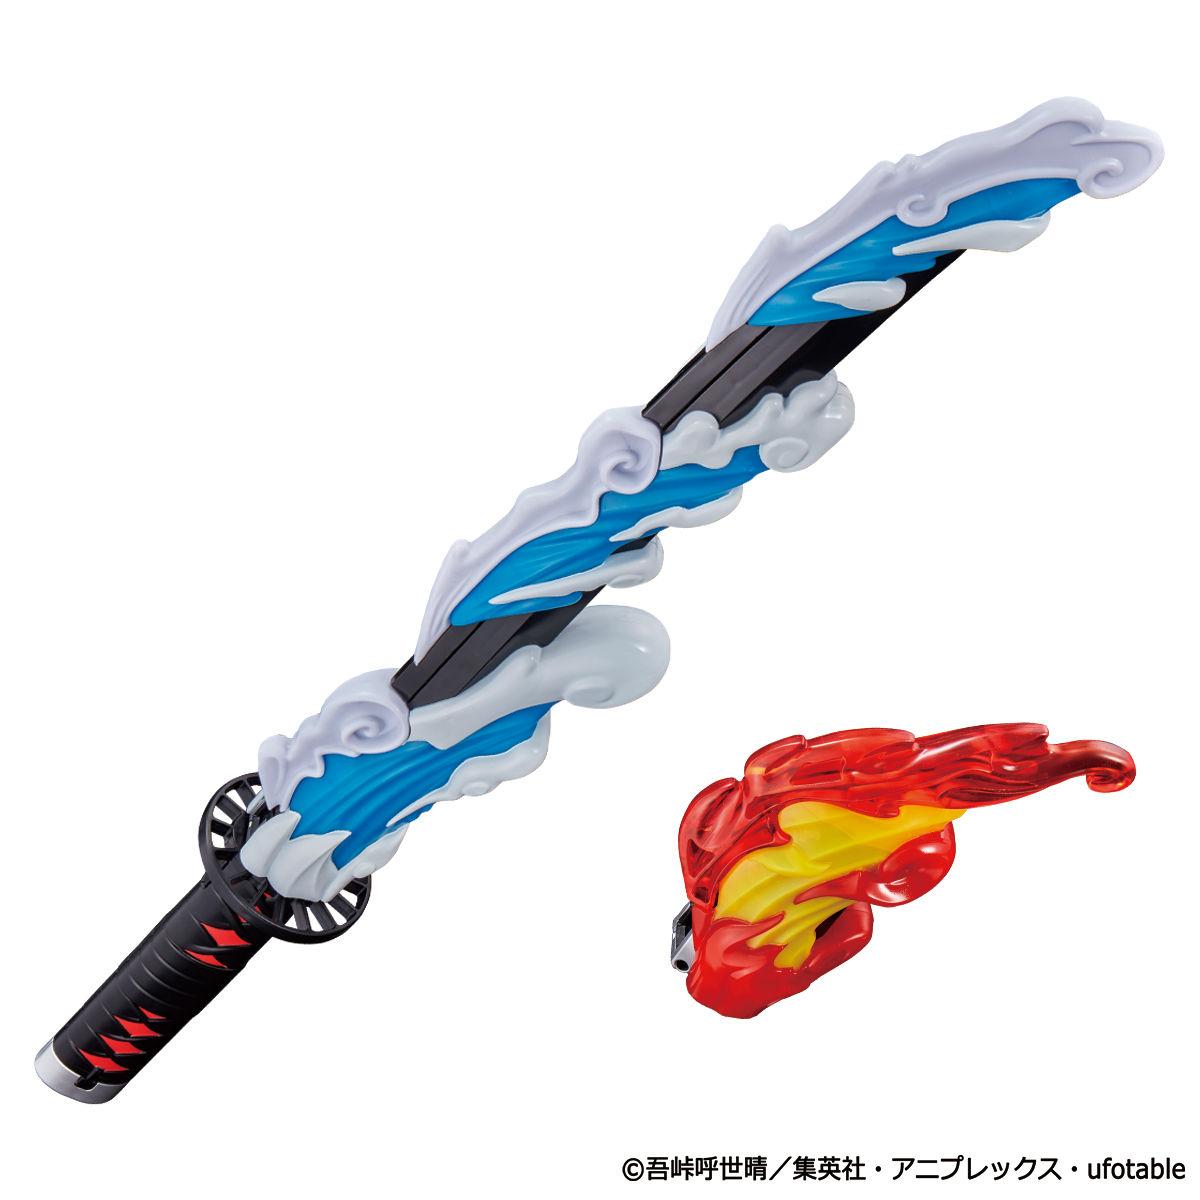 【限定再販】鬼滅の刃『DX日輪刀』変身なりきり-001